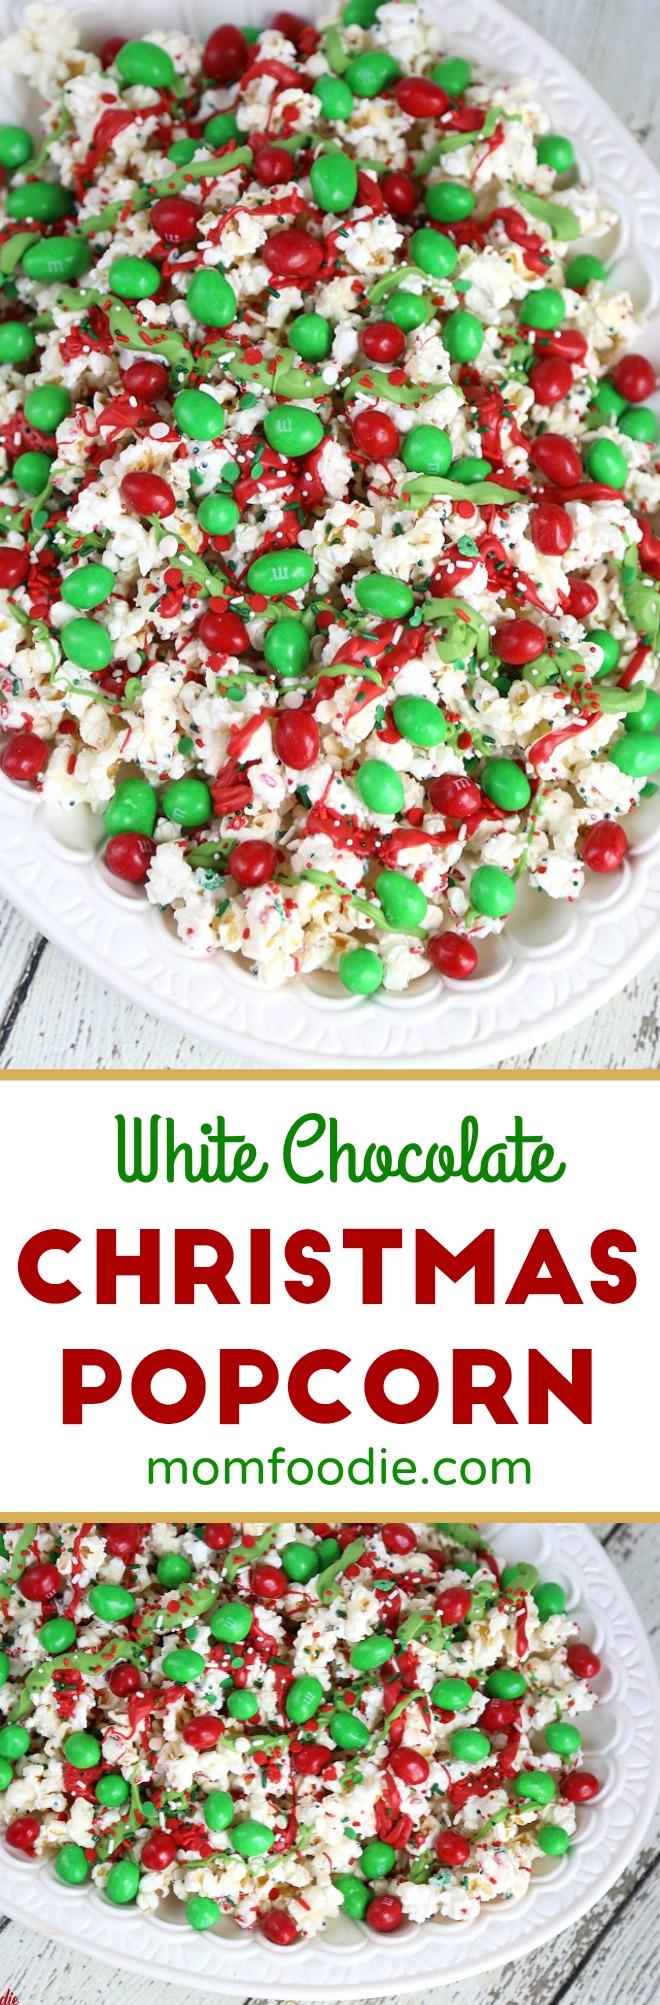 Christmas Popcorn recipe #Christmas #popcorn #whitechocolate #holidaysnacks